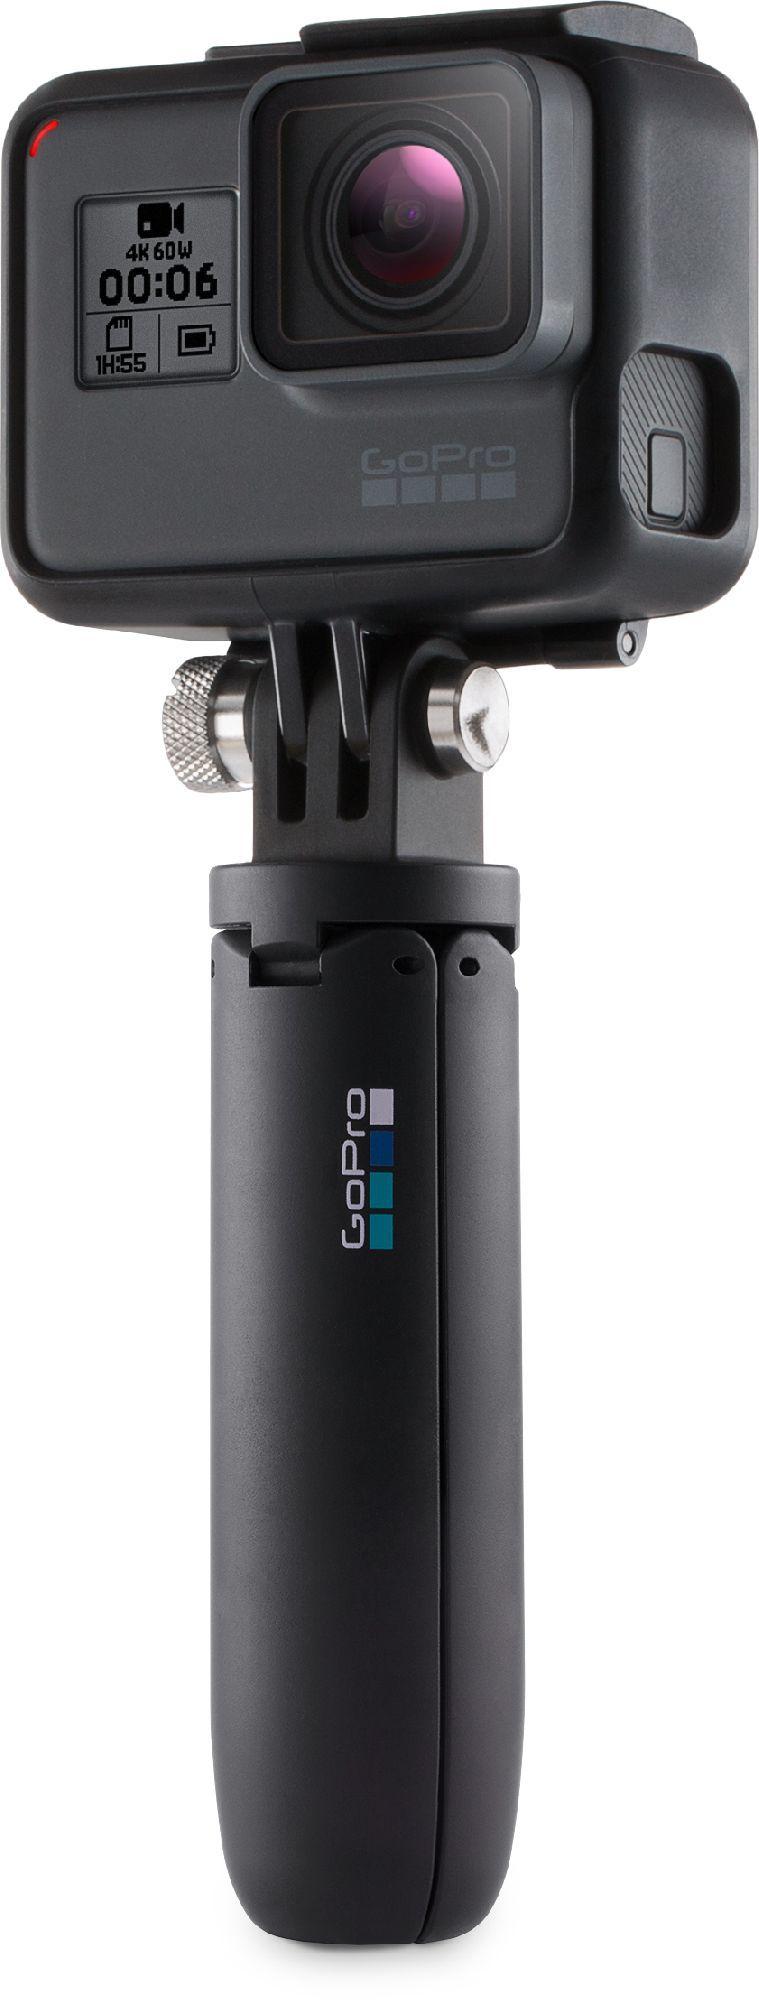 GoPro Shorty: rączka + mini statyw (AFTTM-001) 1